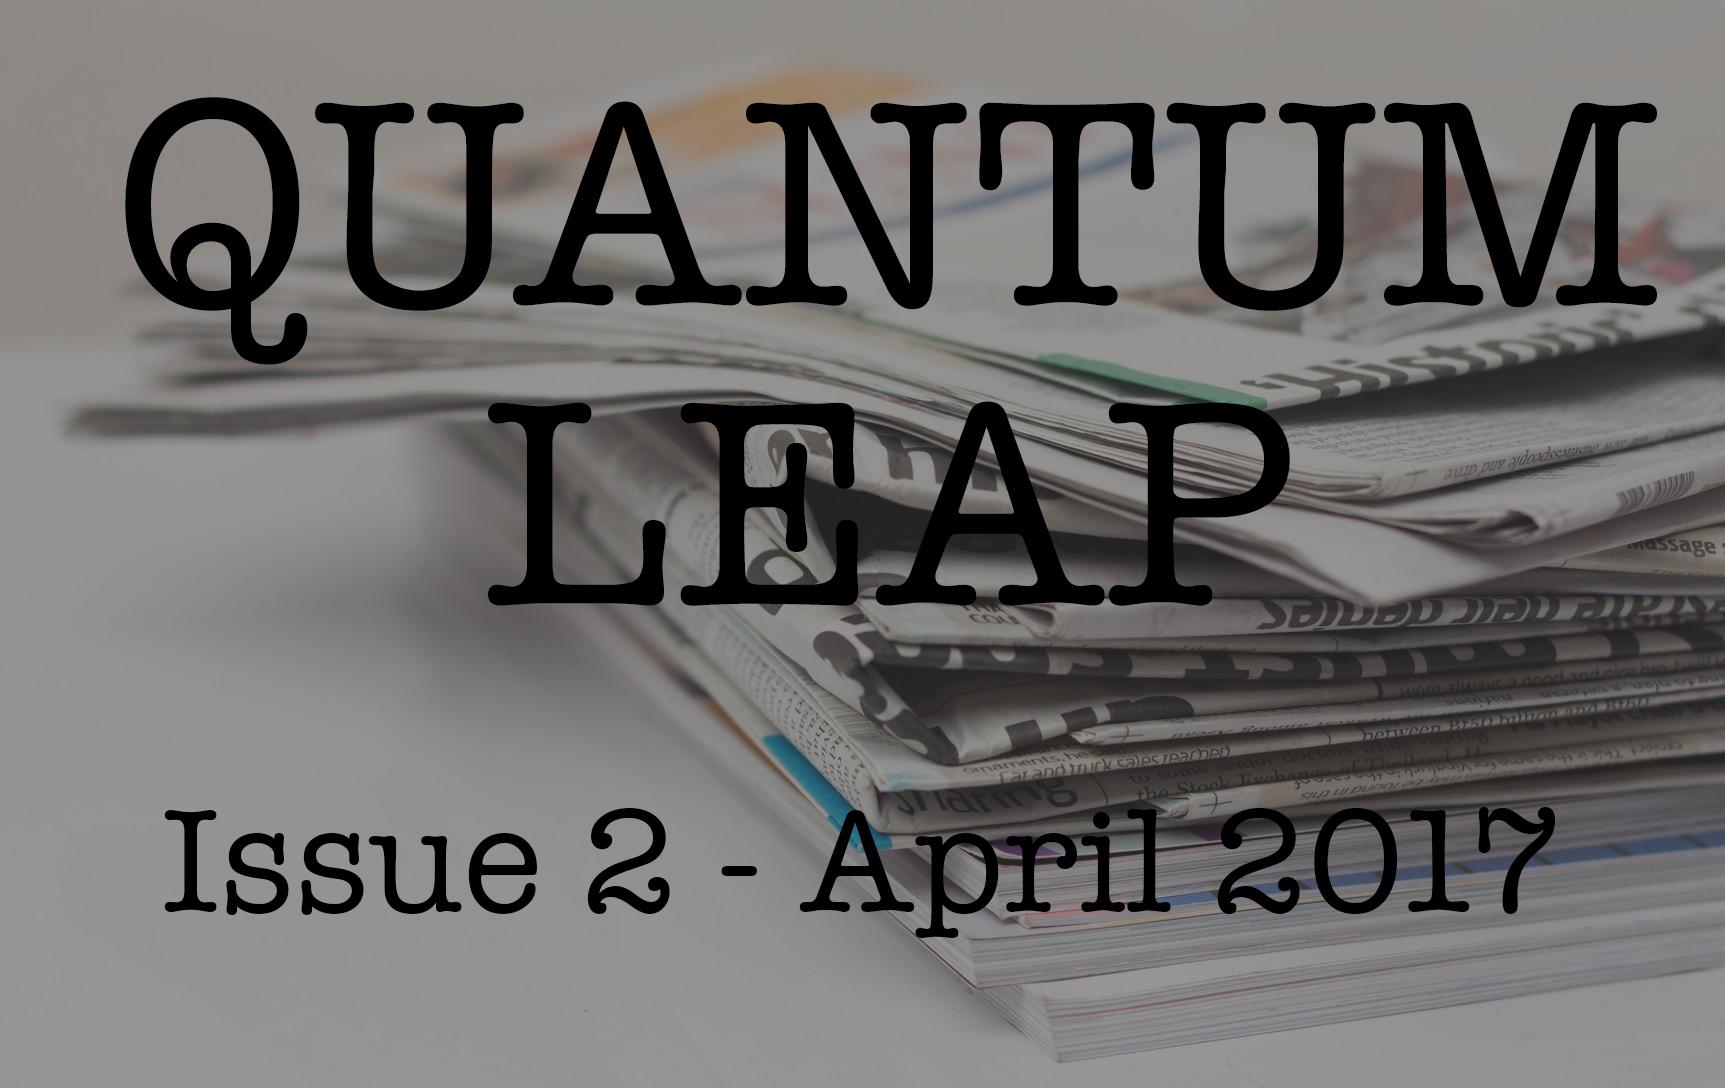 Newsletter2 Thumbnail